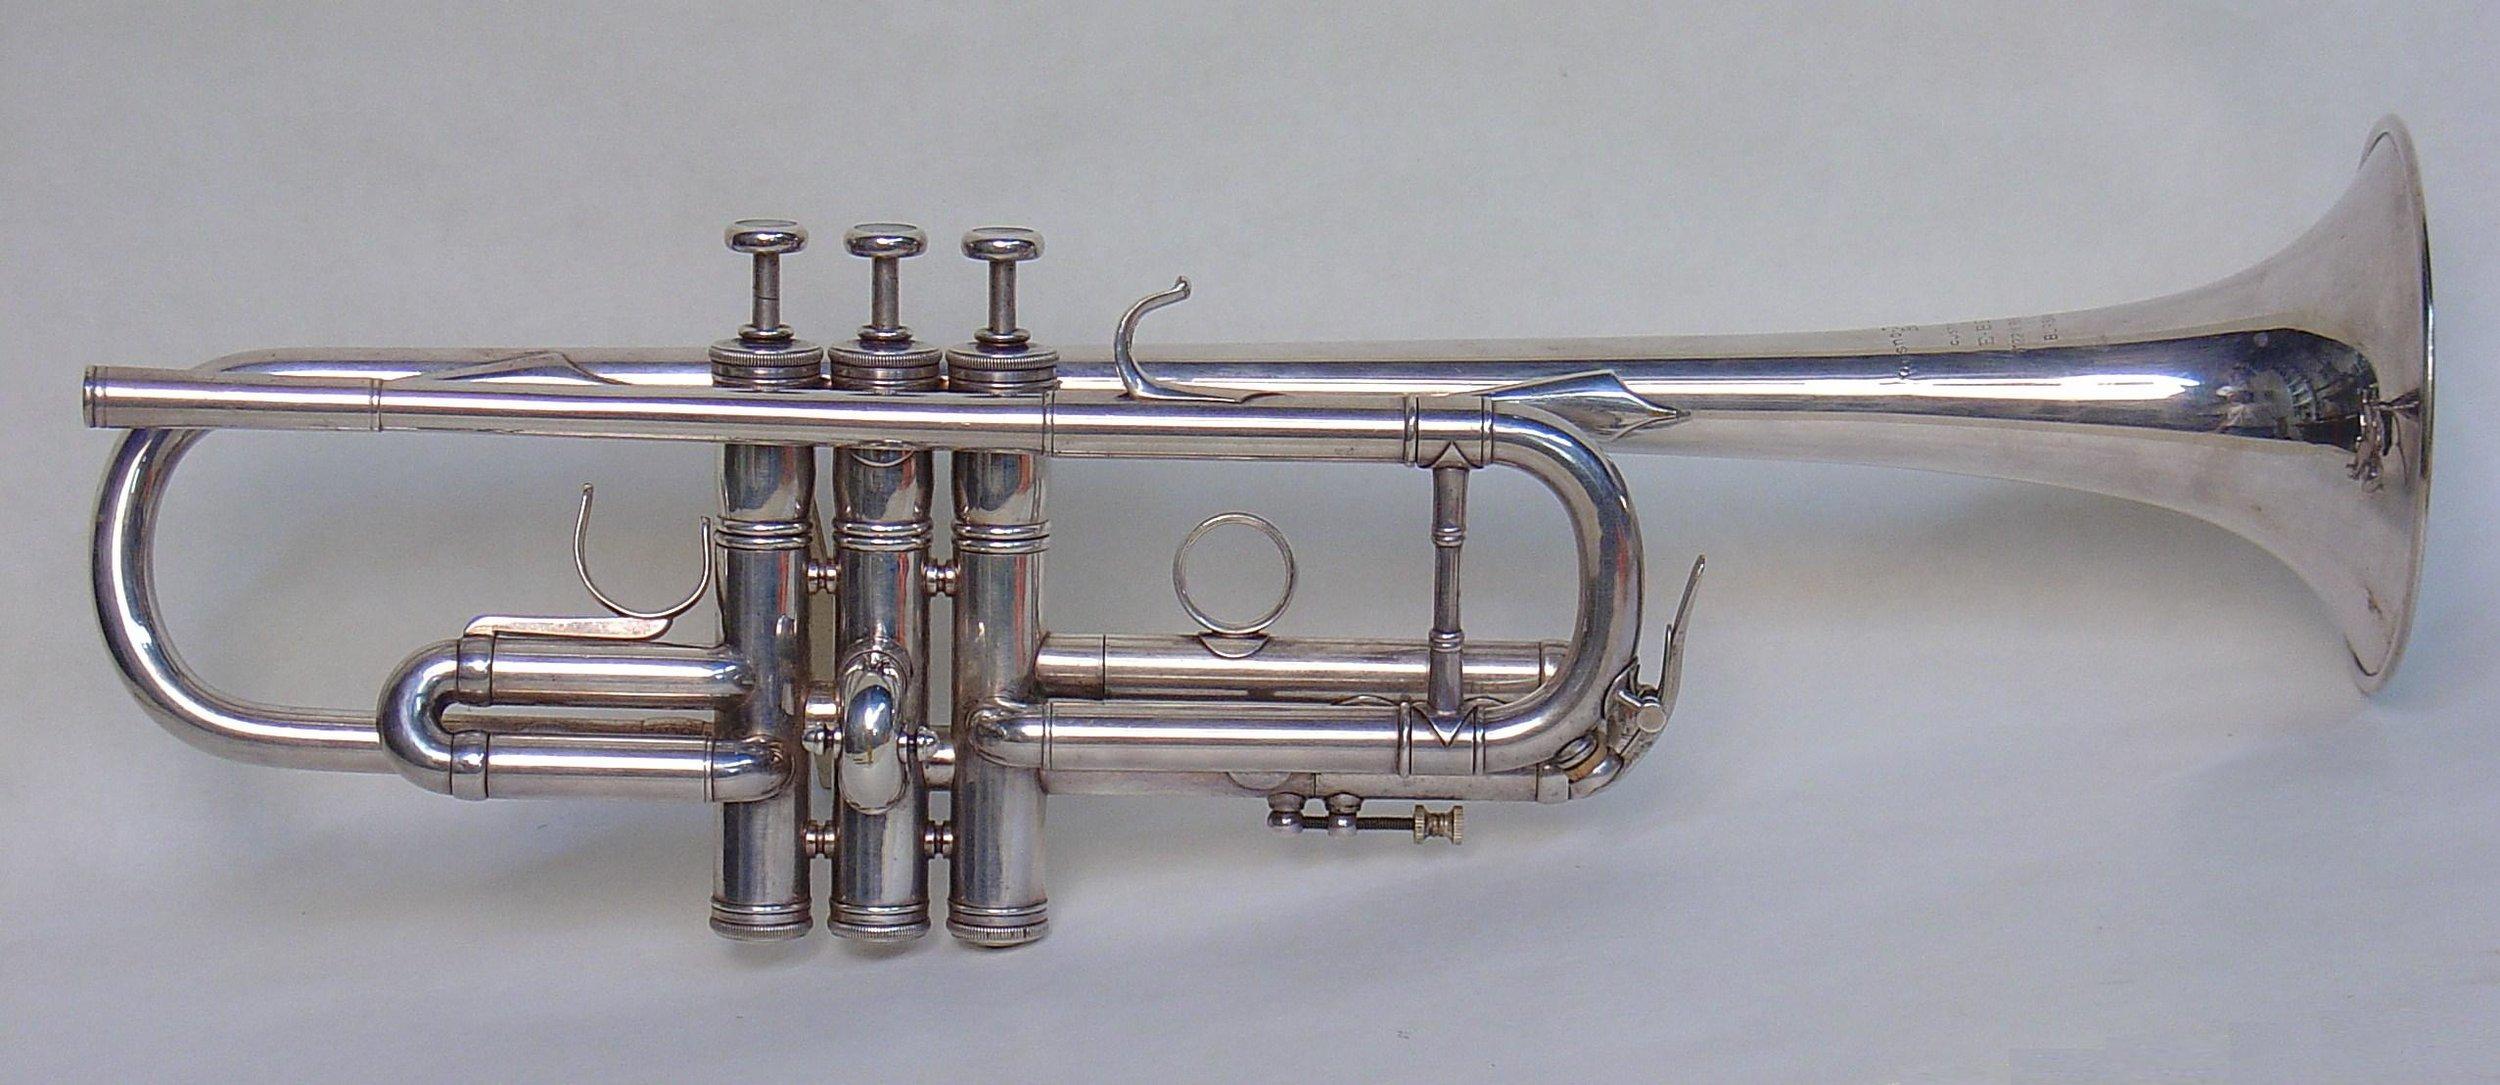 Bernie Adalstien's Benge C Trumpet